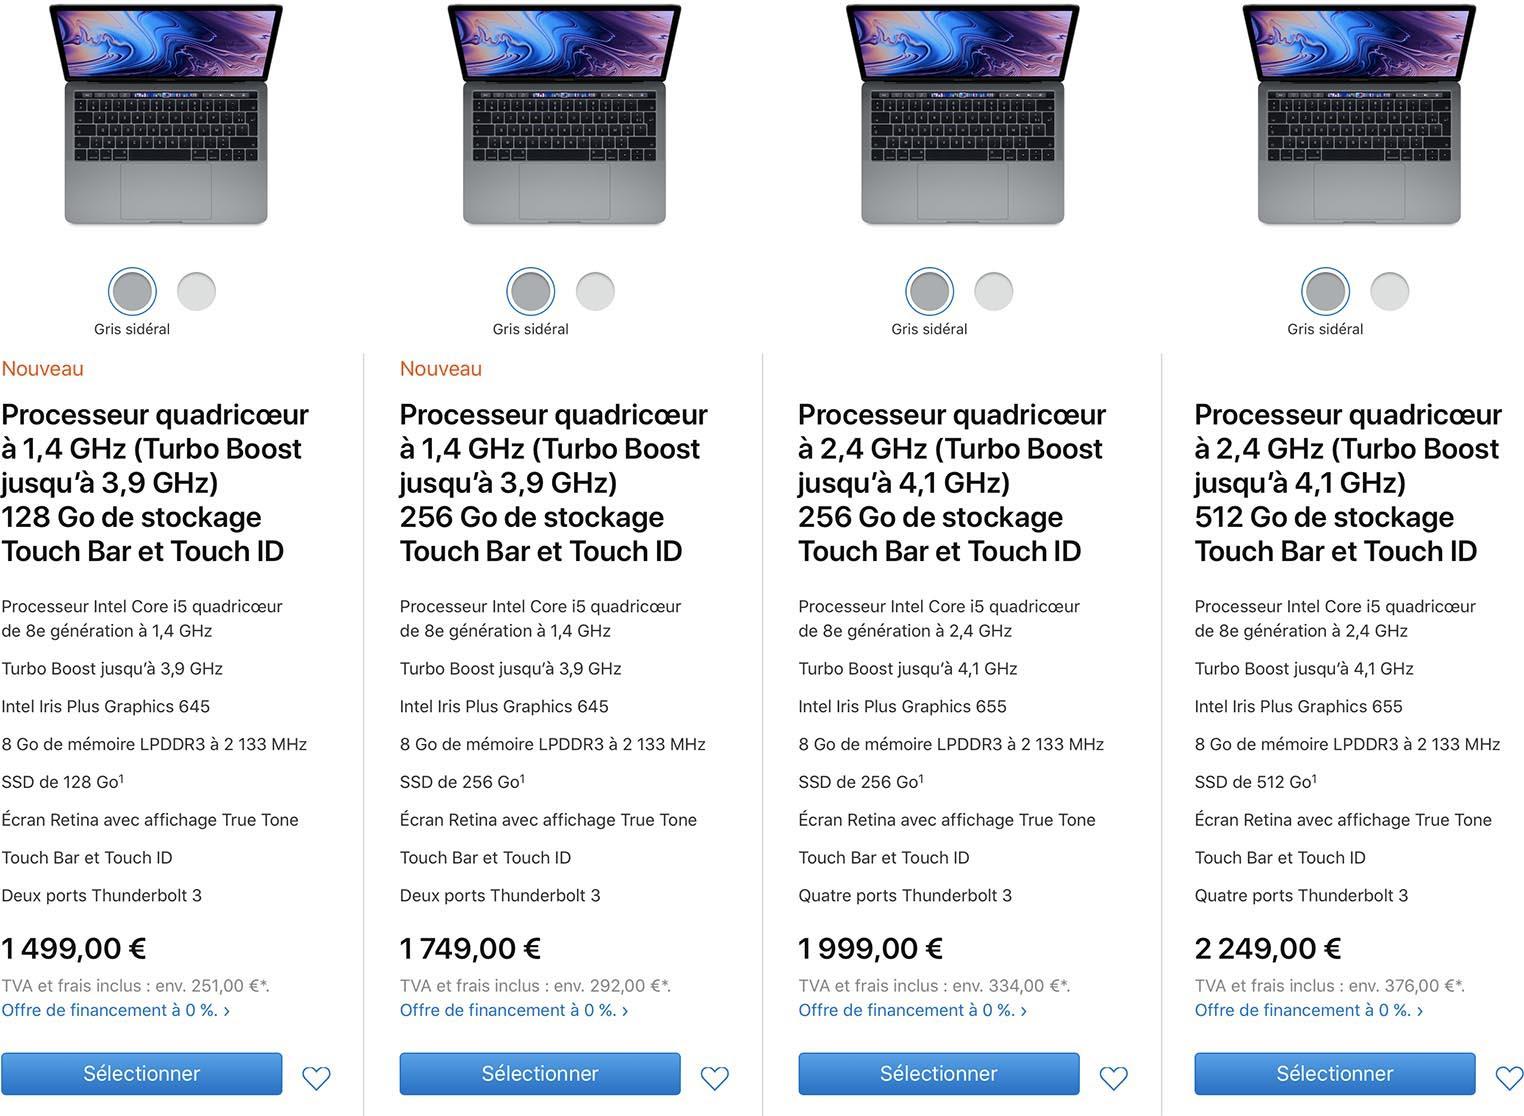 MacBook Pro 13 pouces 2019 caractéristiques techniques